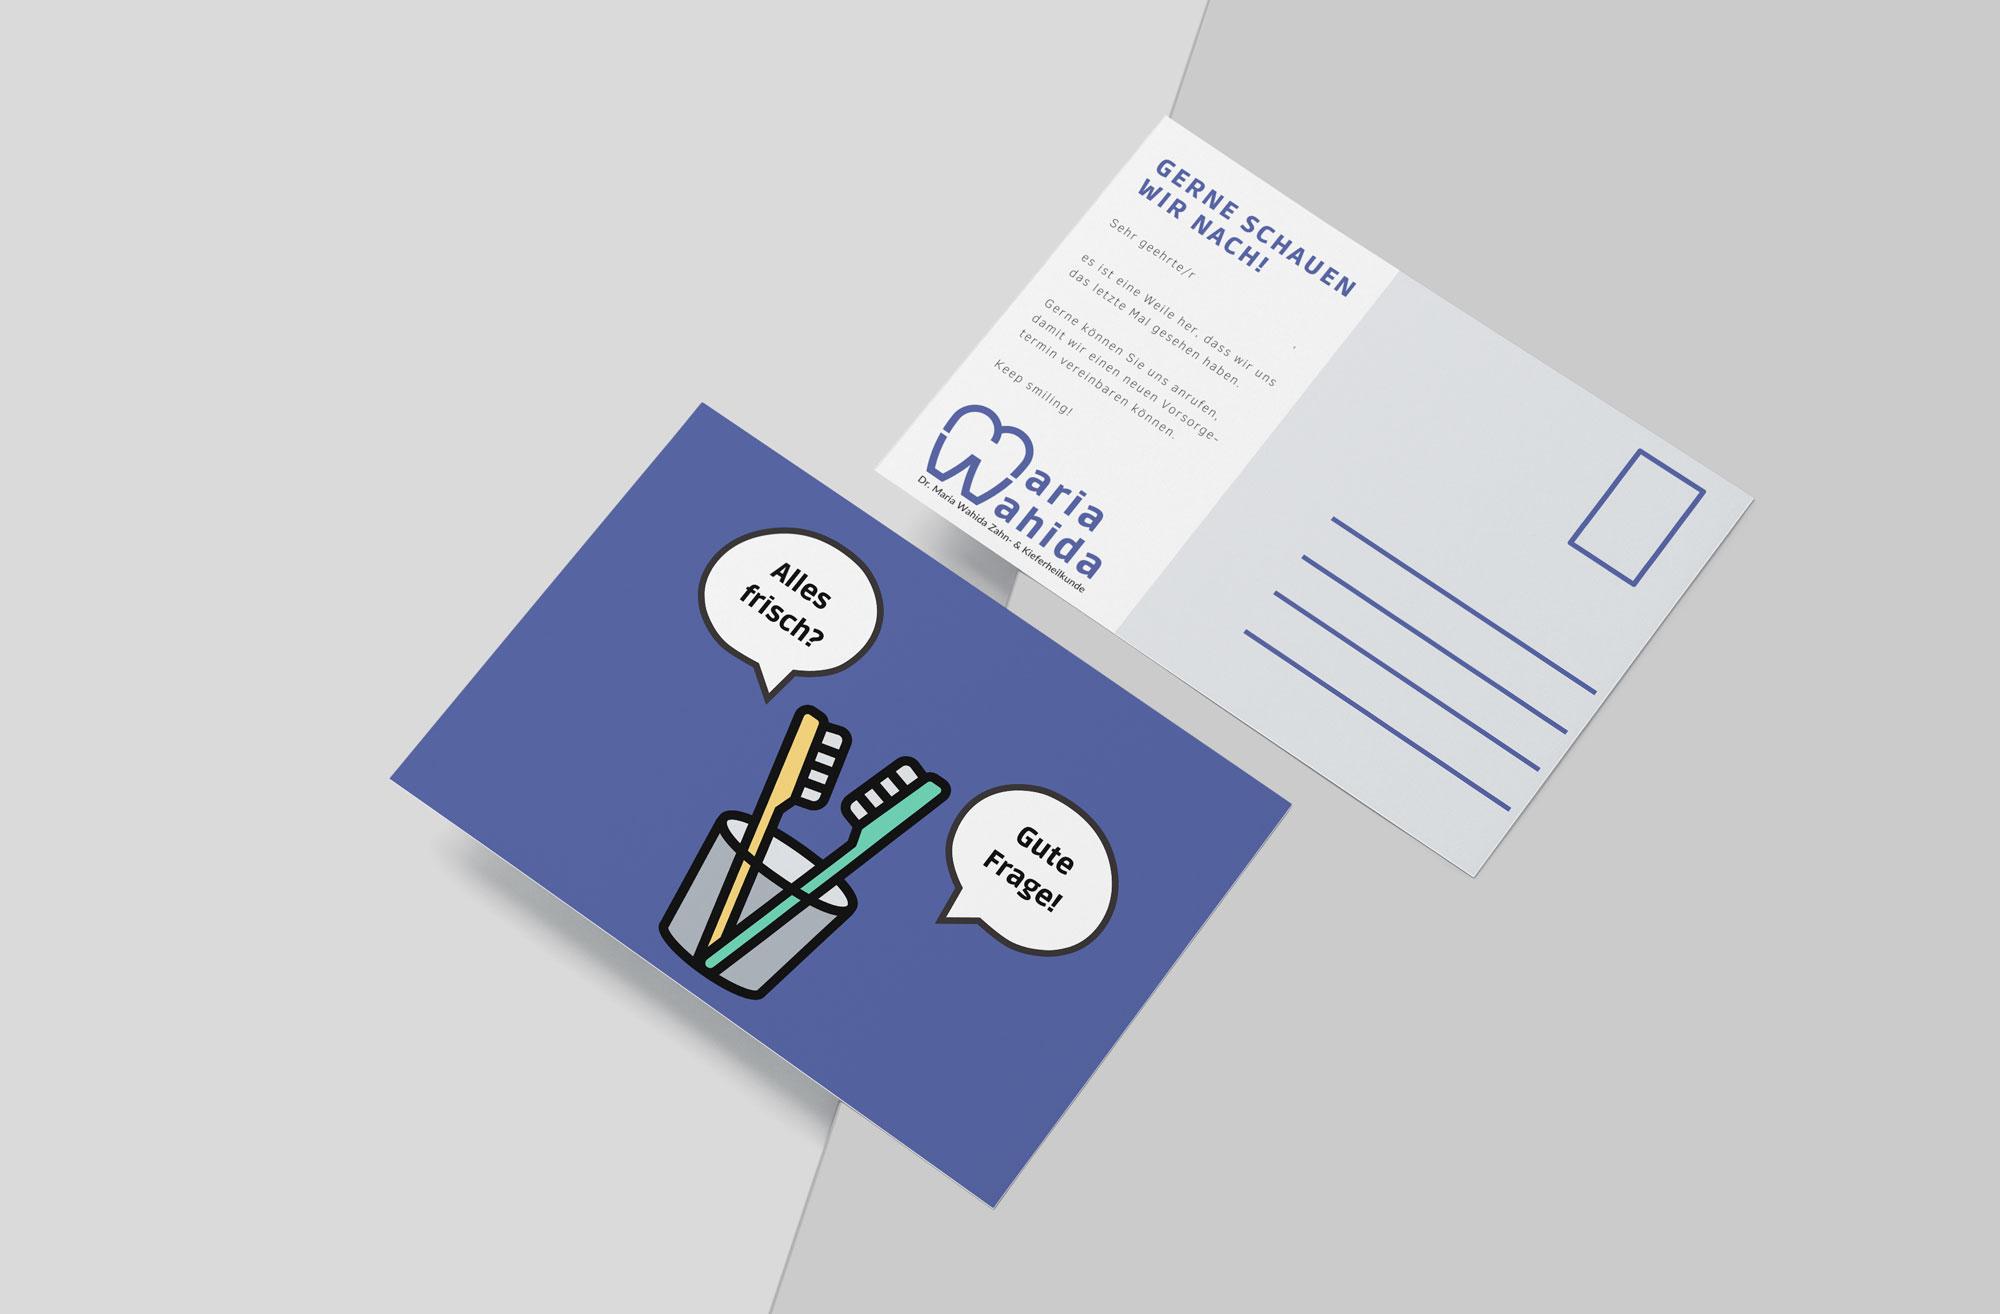 Beispiel für Grafikdesign und Printmedien für Mediziner und Therapeuten Minerva Kreativagentur Digitalagentur für die Gesundheitsbranche